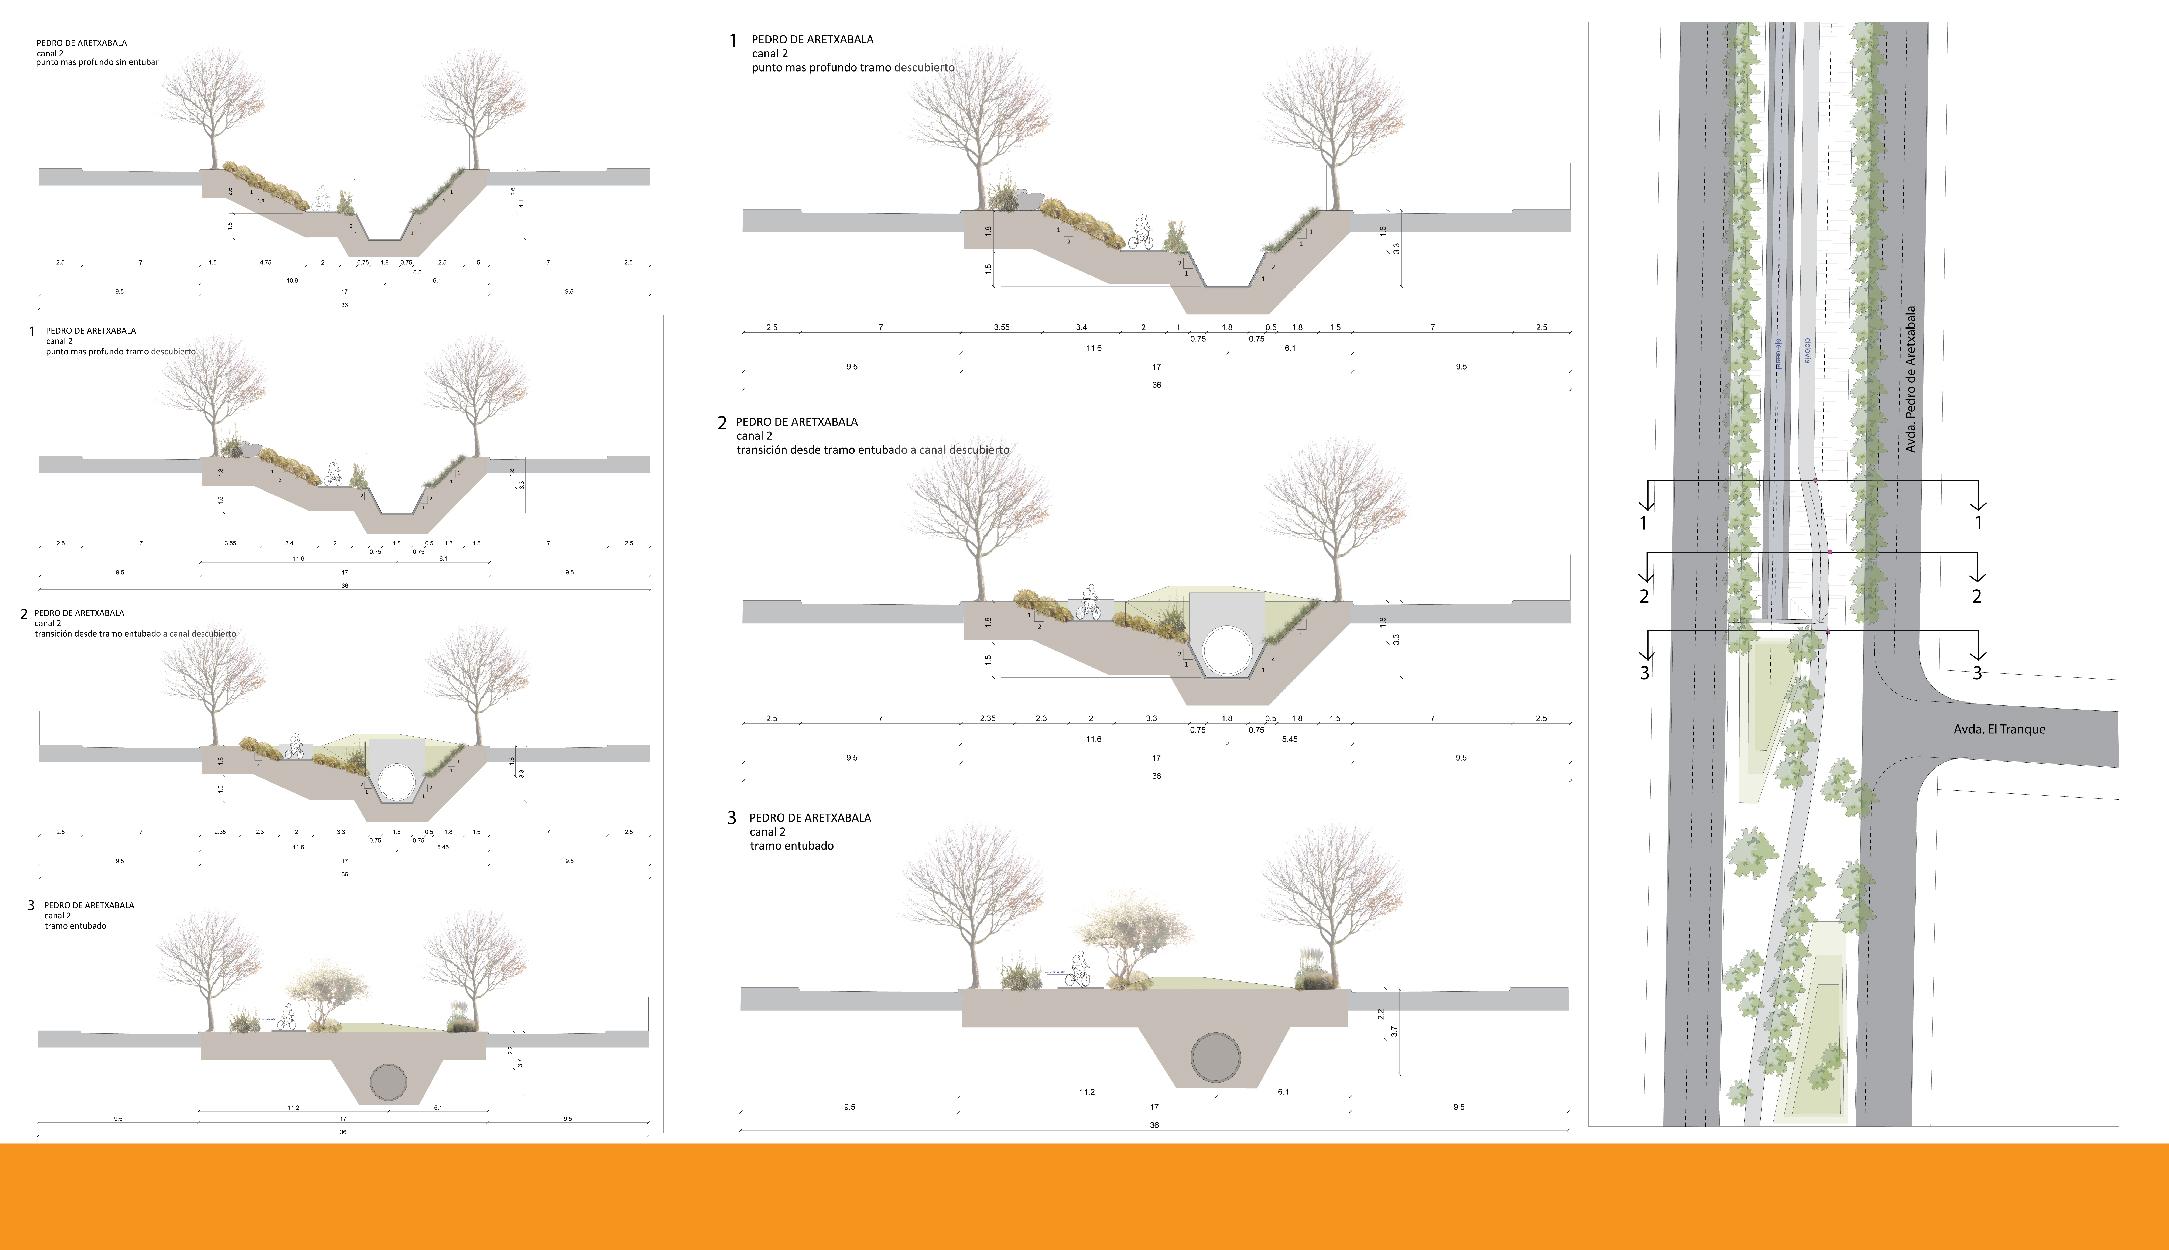 Proyectos Pagina WEB DISEÑO URBANO-12.jpg